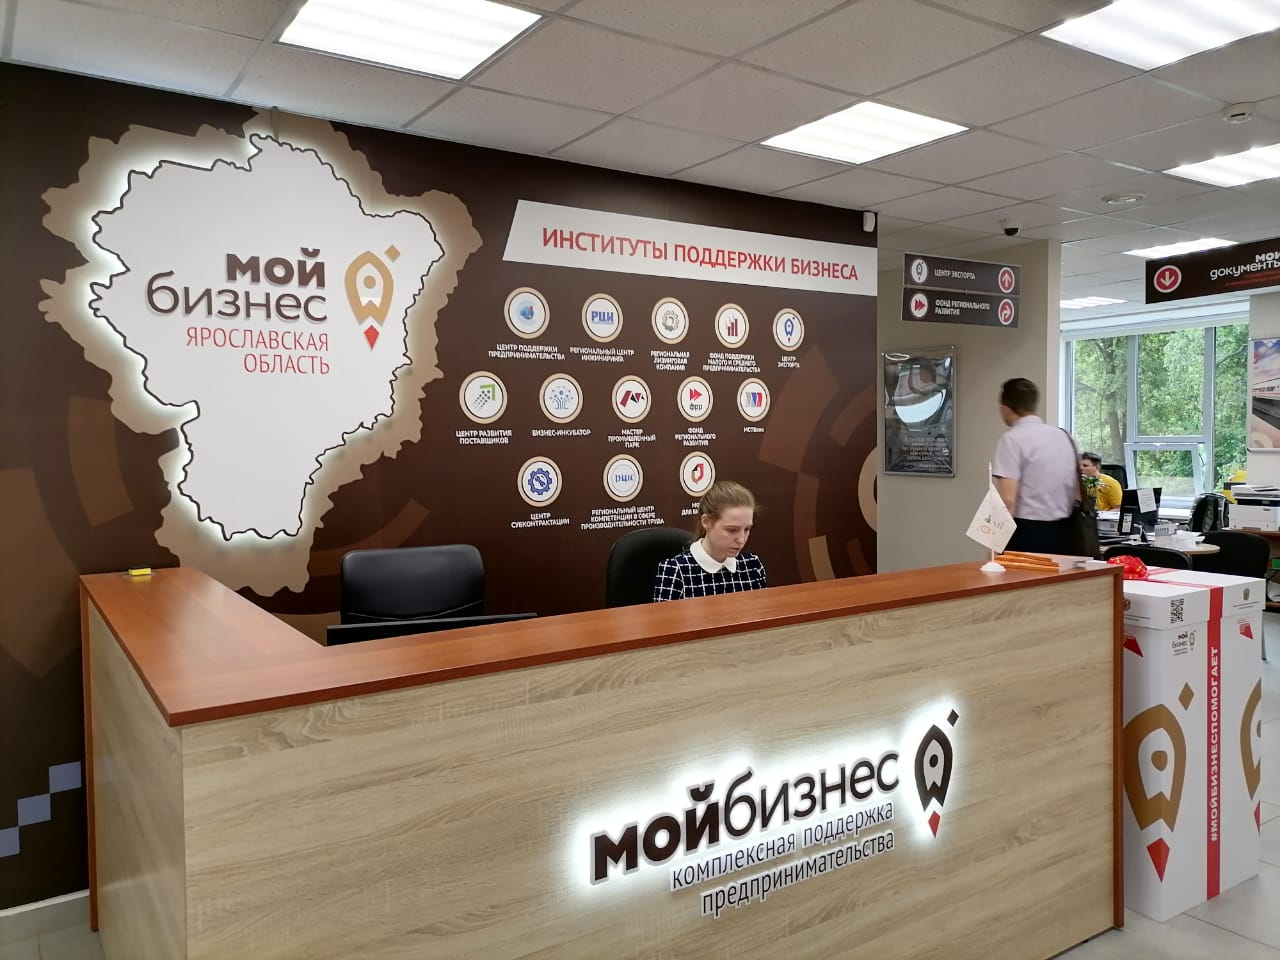 Предприниматели региона получили финансовую поддержку более чем на 990 млн рублей